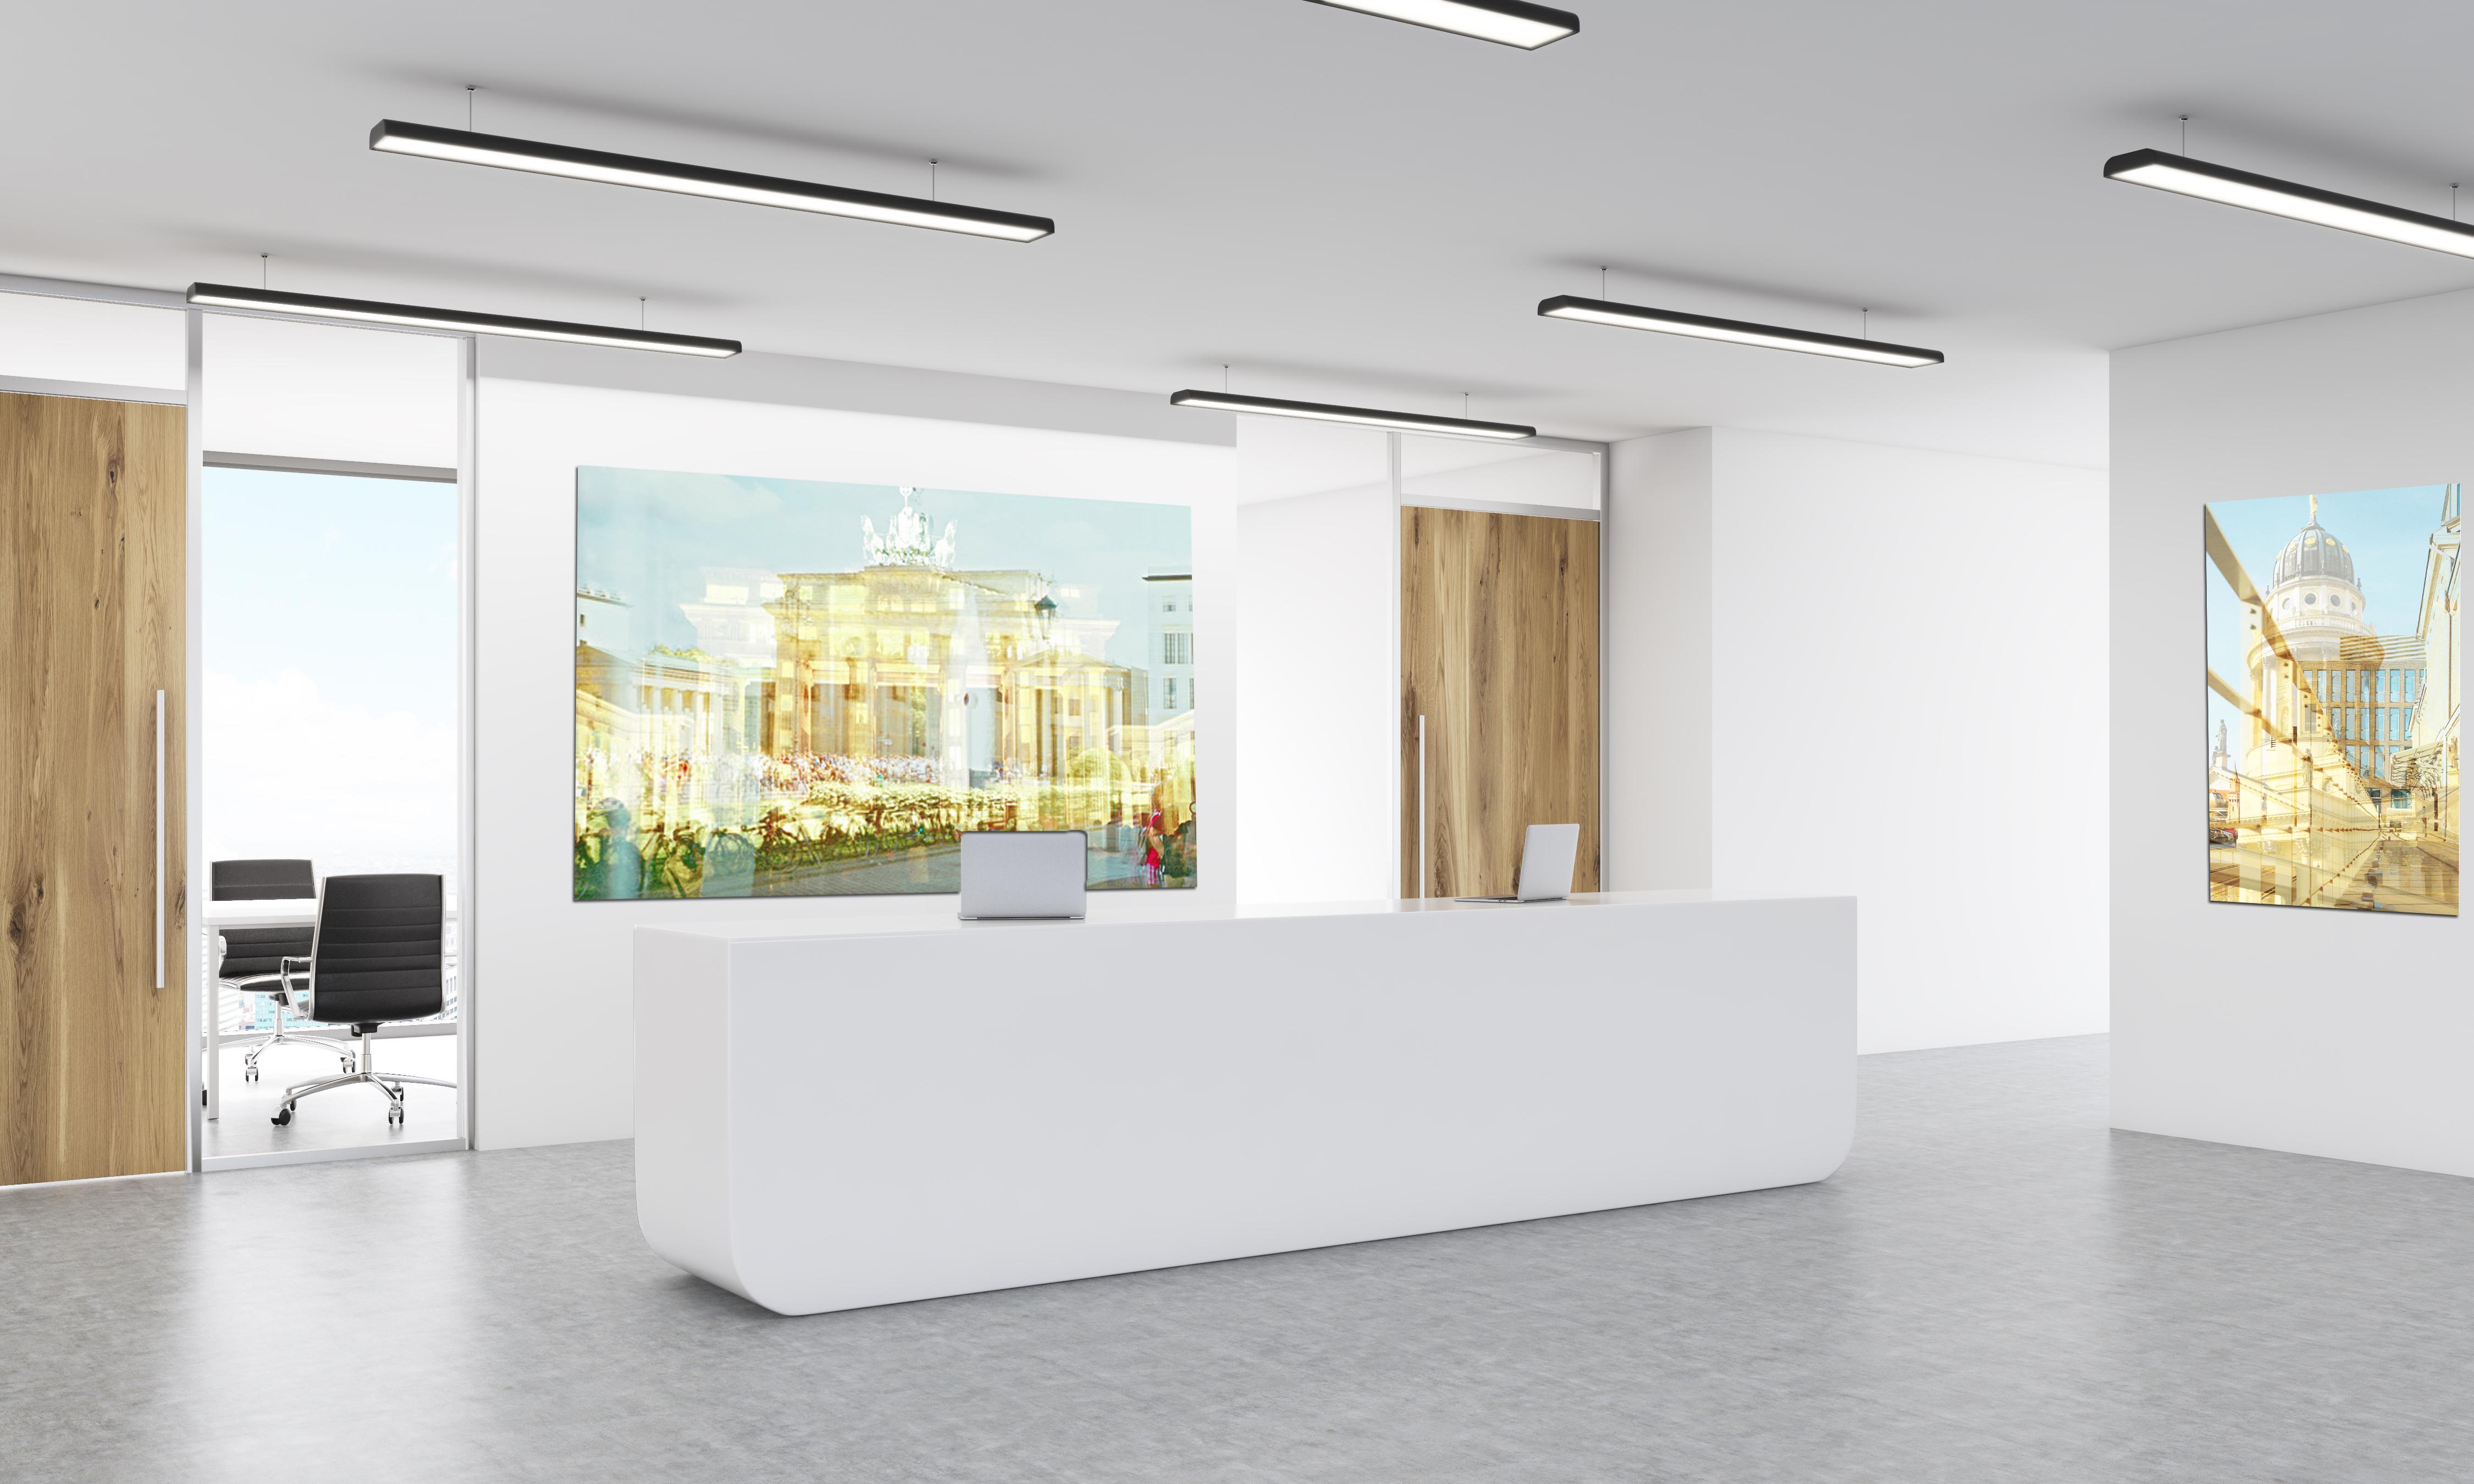 kunst bilder mieten in berlin zeitgen ssische kunst berlin. Black Bedroom Furniture Sets. Home Design Ideas